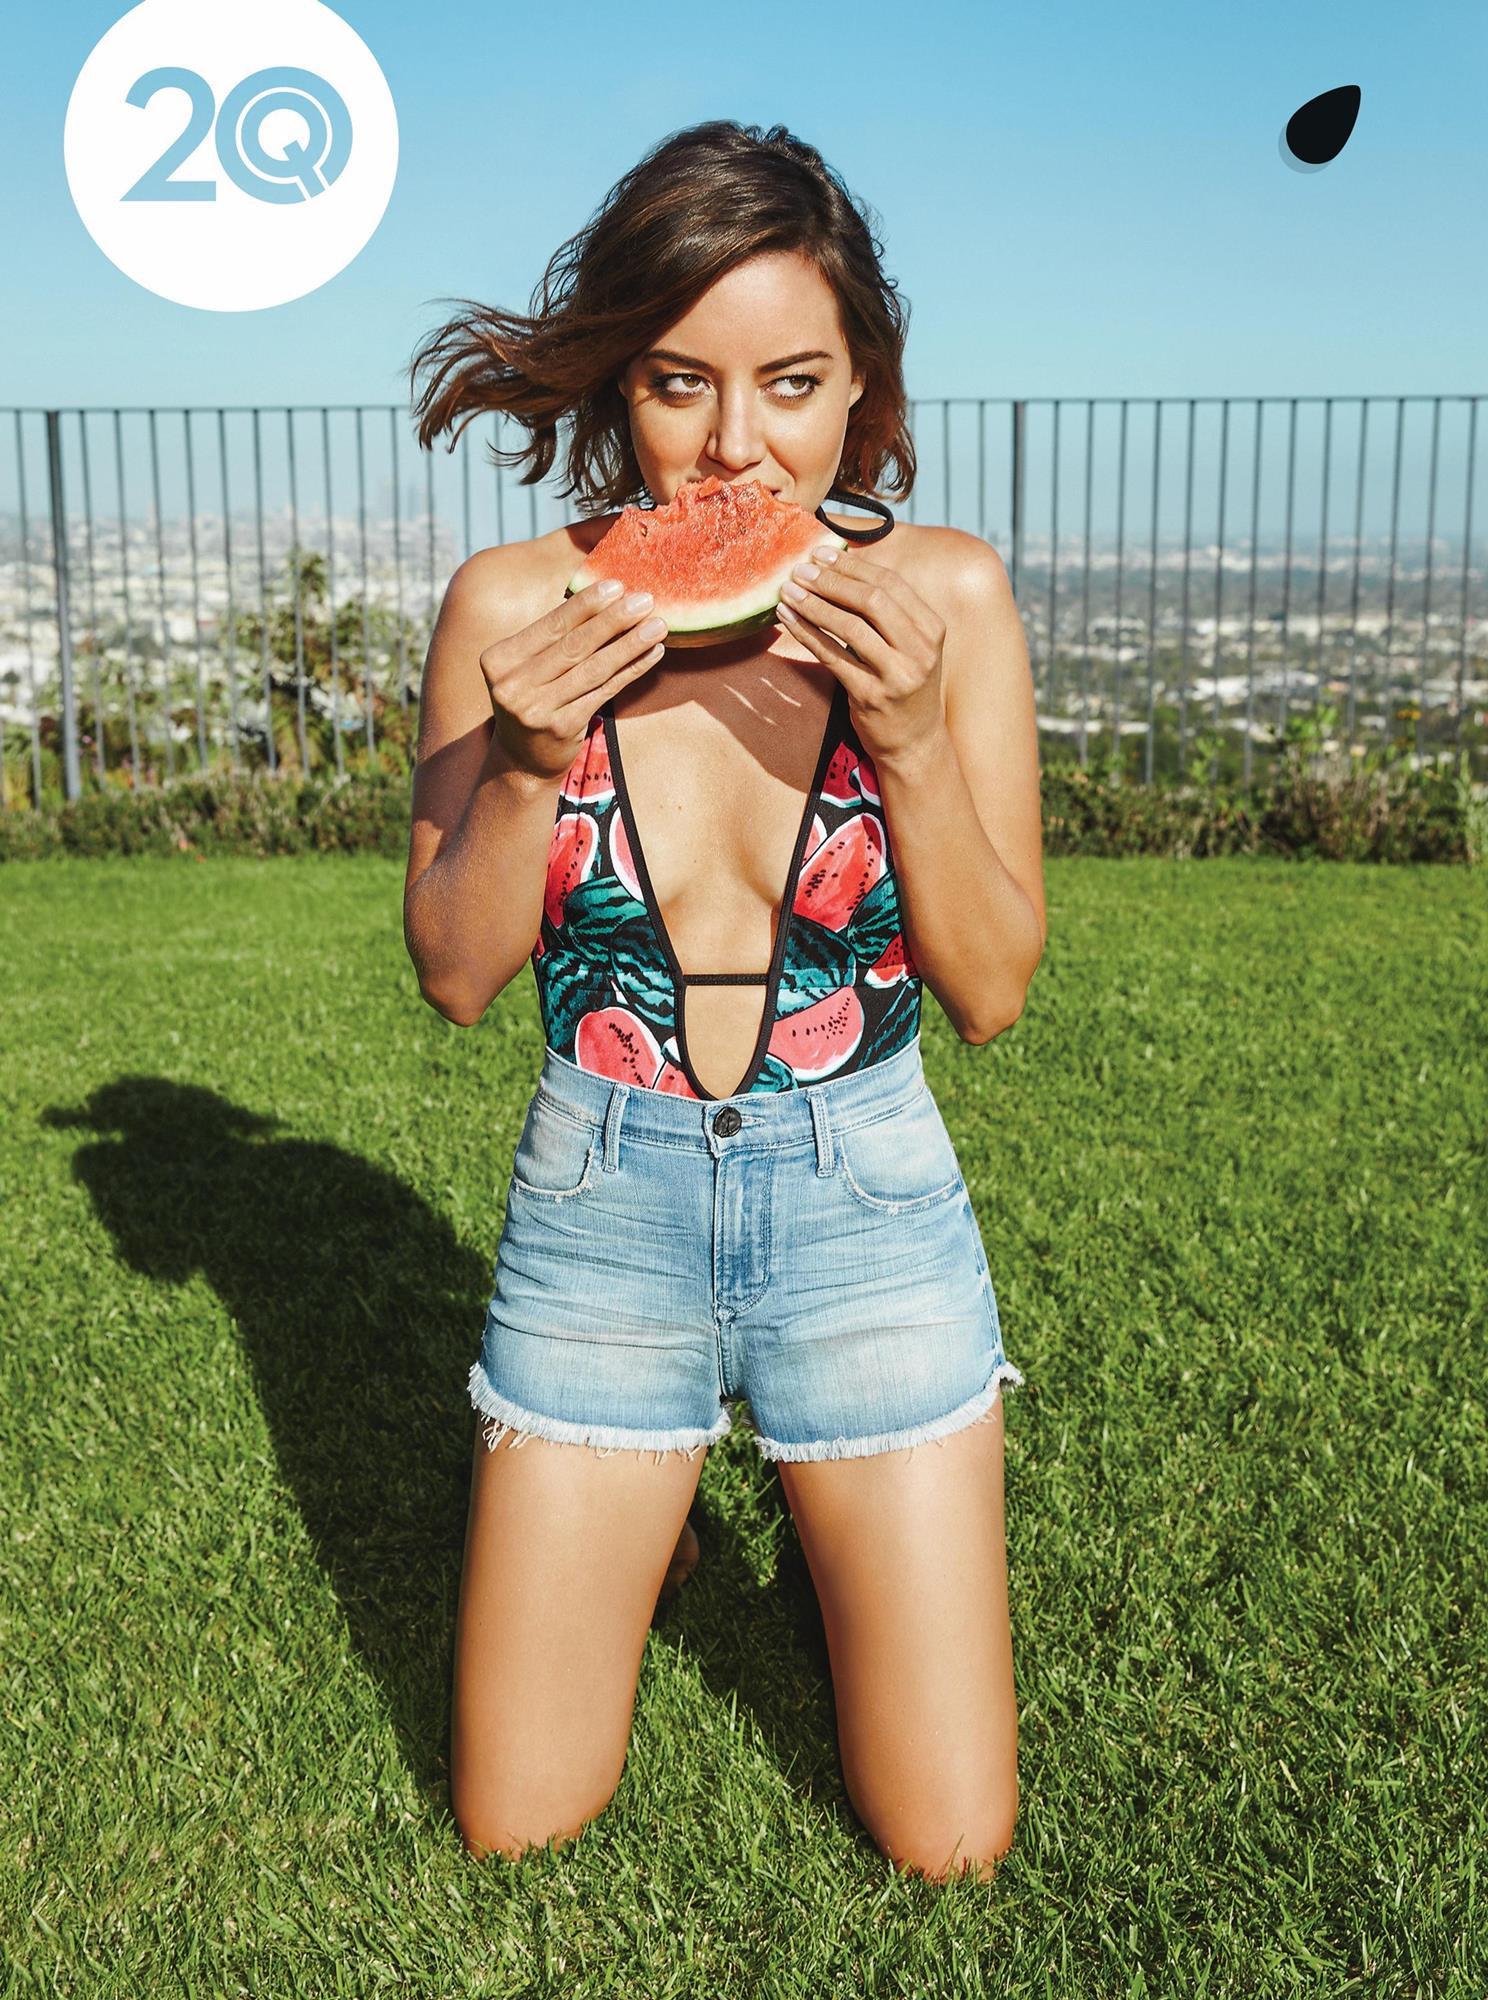 Aubrey Plaza - Playboy Photoshoot - April 2015